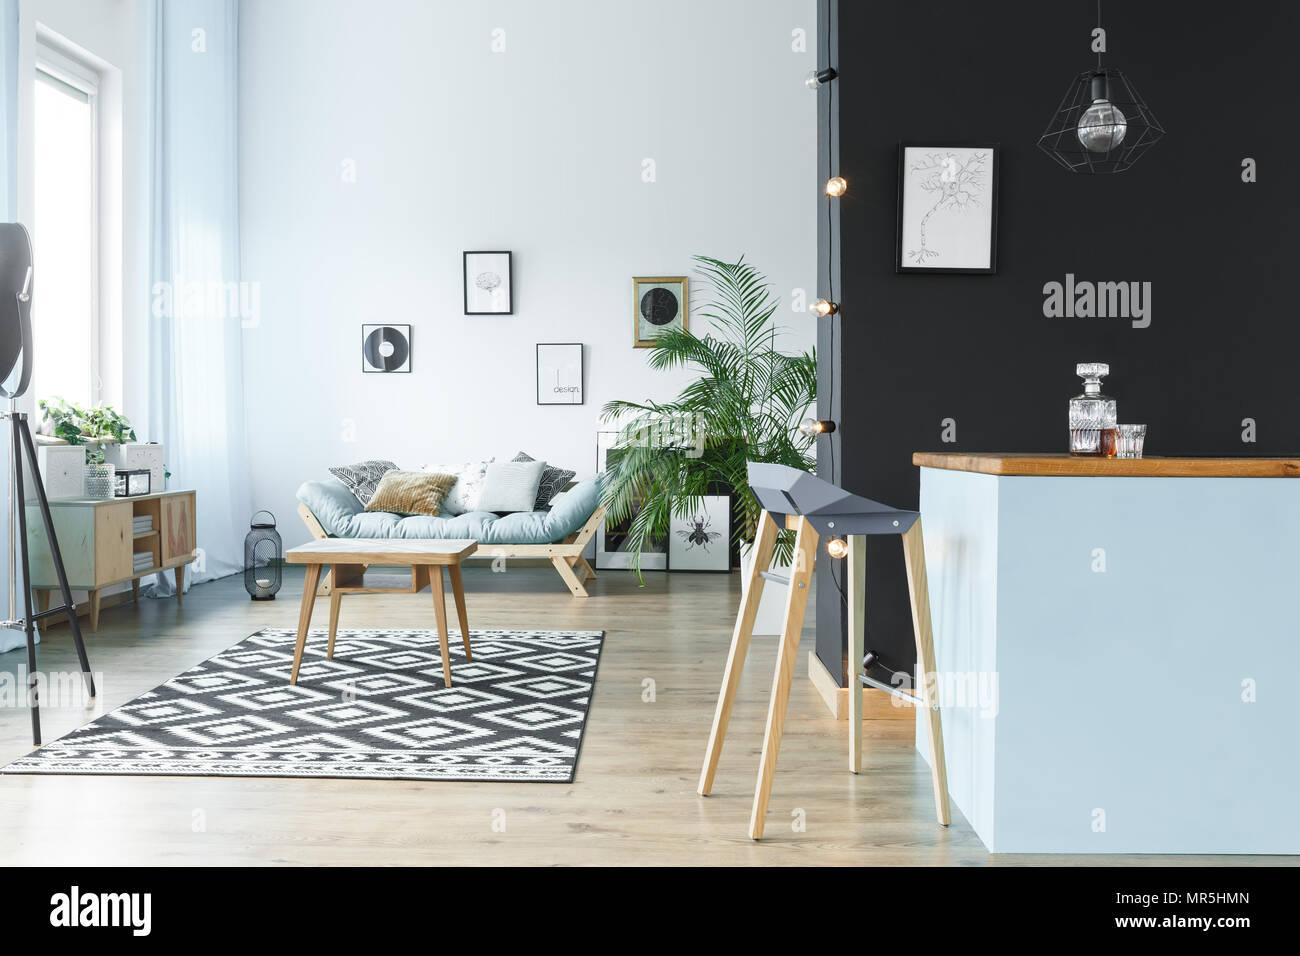 Tavolo in legno in monocromatico e spazioso salotto con divano e